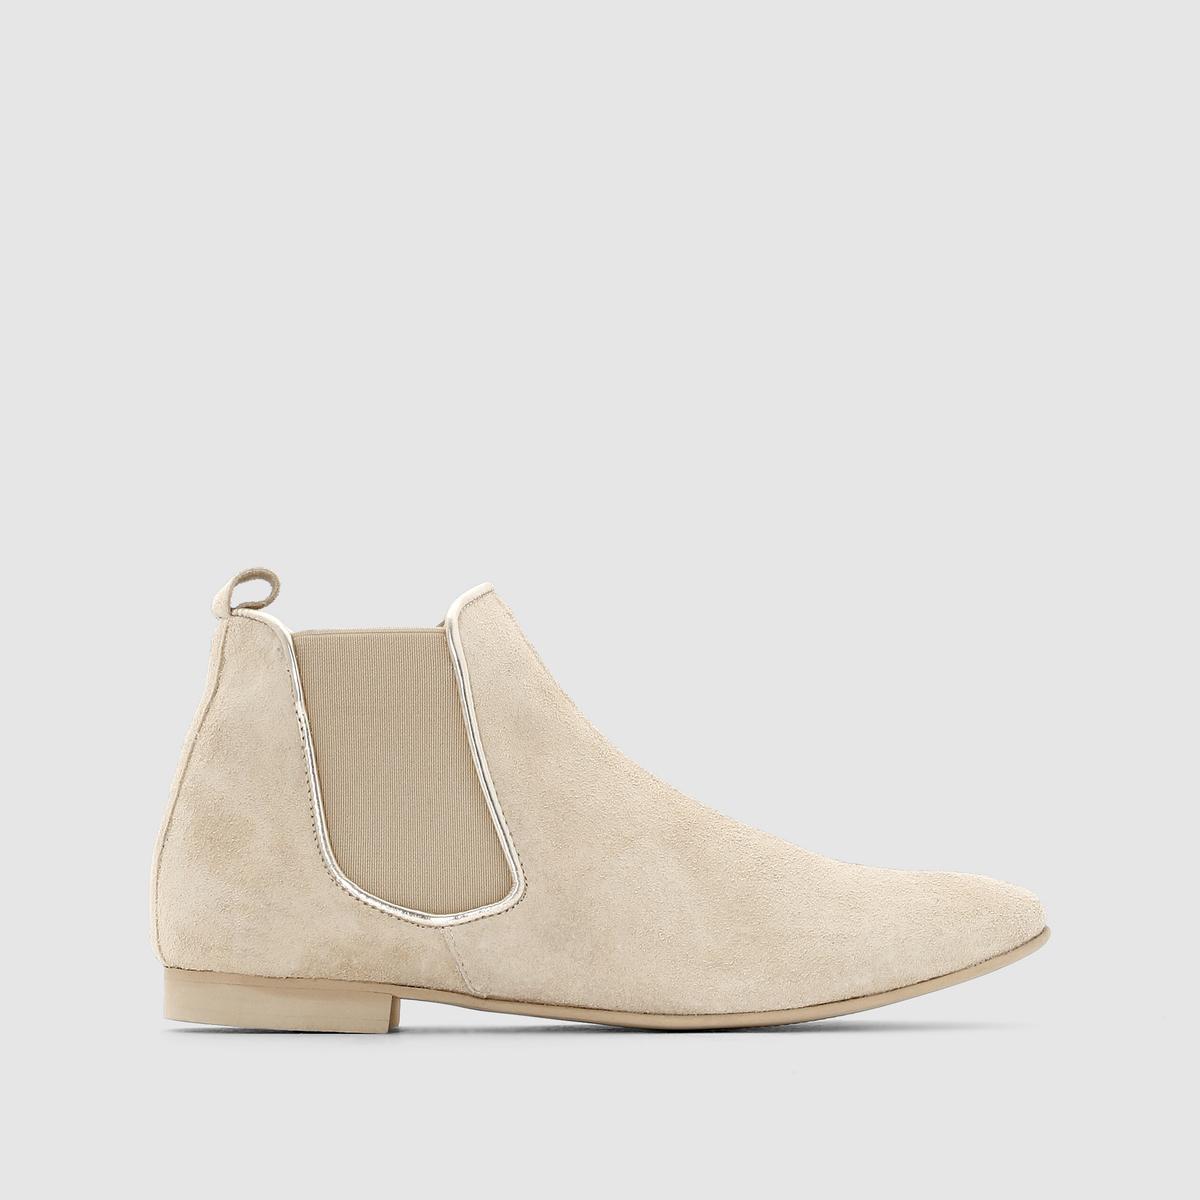 Ботинки женскиеКлассическая удобная модель делает ставку на стильное сочетание двух материалов.<br><br>Цвет: бежевый<br>Размер: 37.36